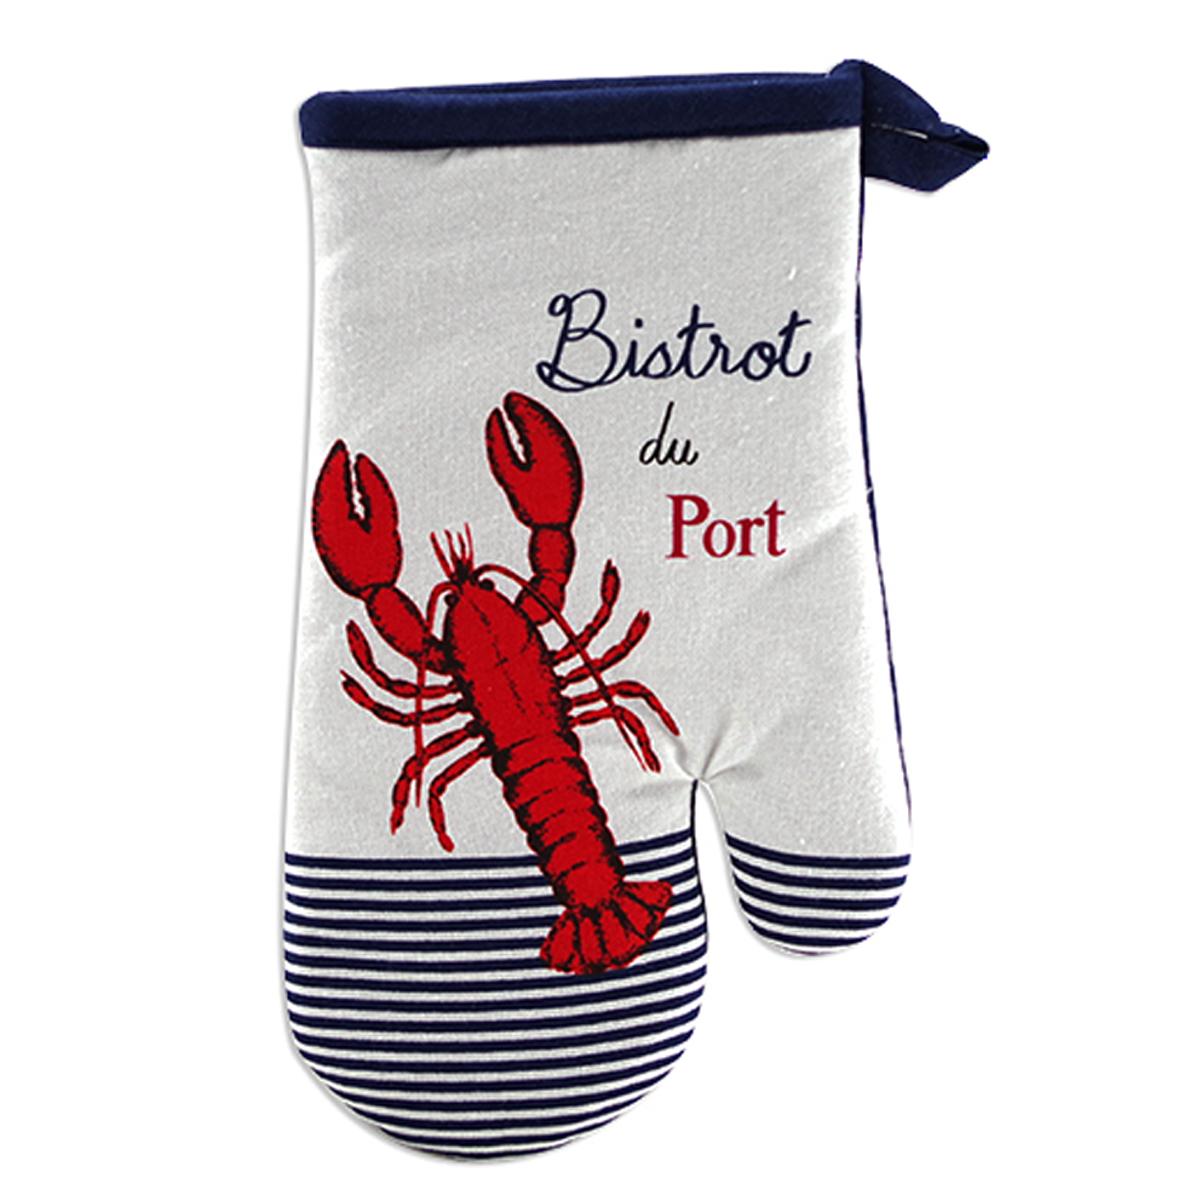 Gant de cuisine \'Bistrot du Port\' bleu rouge blanc (homard) - 28x14 cm - [A2436]